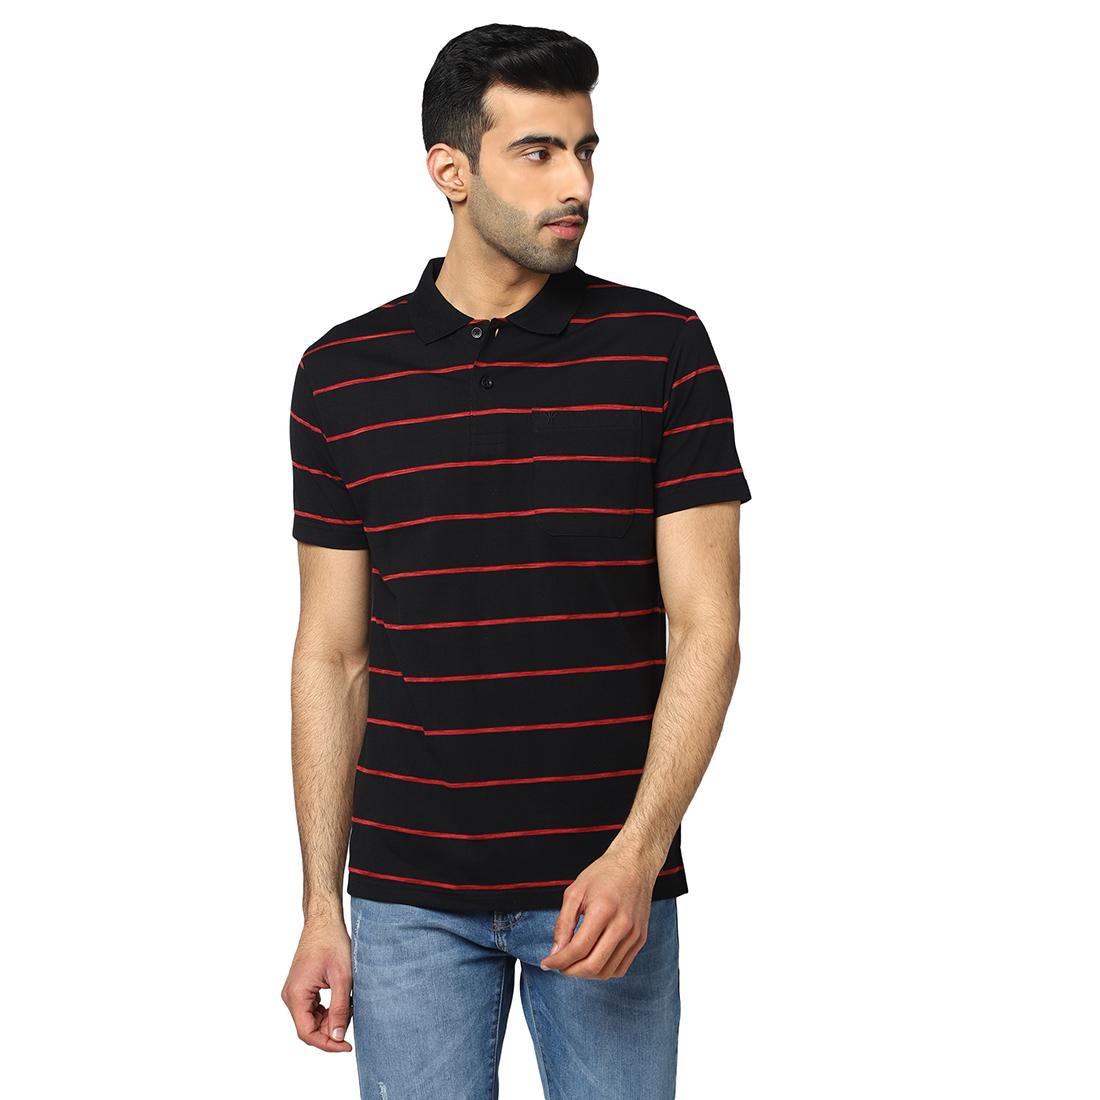 VENITIAN | Venitian Mens Cotton Blend Striped Polo Neck Tshirt With Pocket